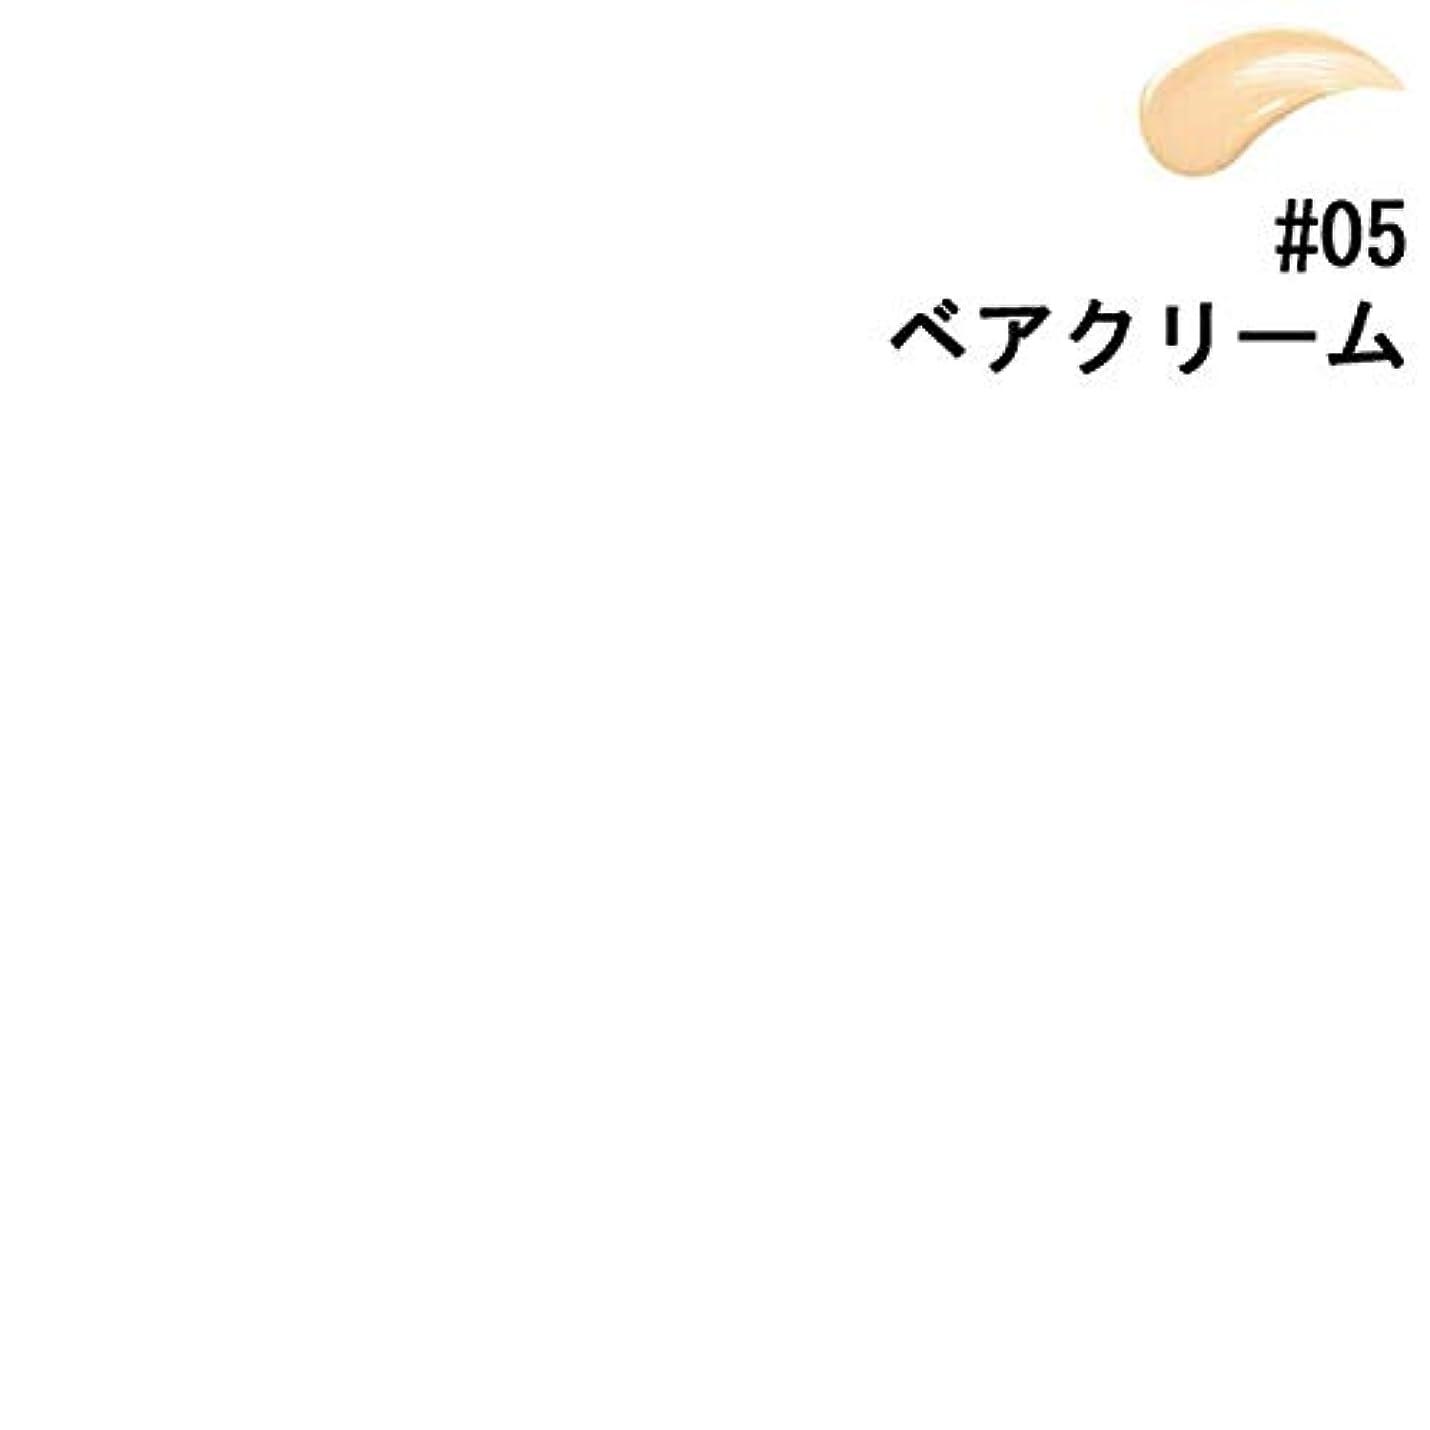 フォーラム未接続貪欲【ベアミネラル】ベアミネラル ベア ファンデーション #05 ベアクリーム 30ml [並行輸入品]